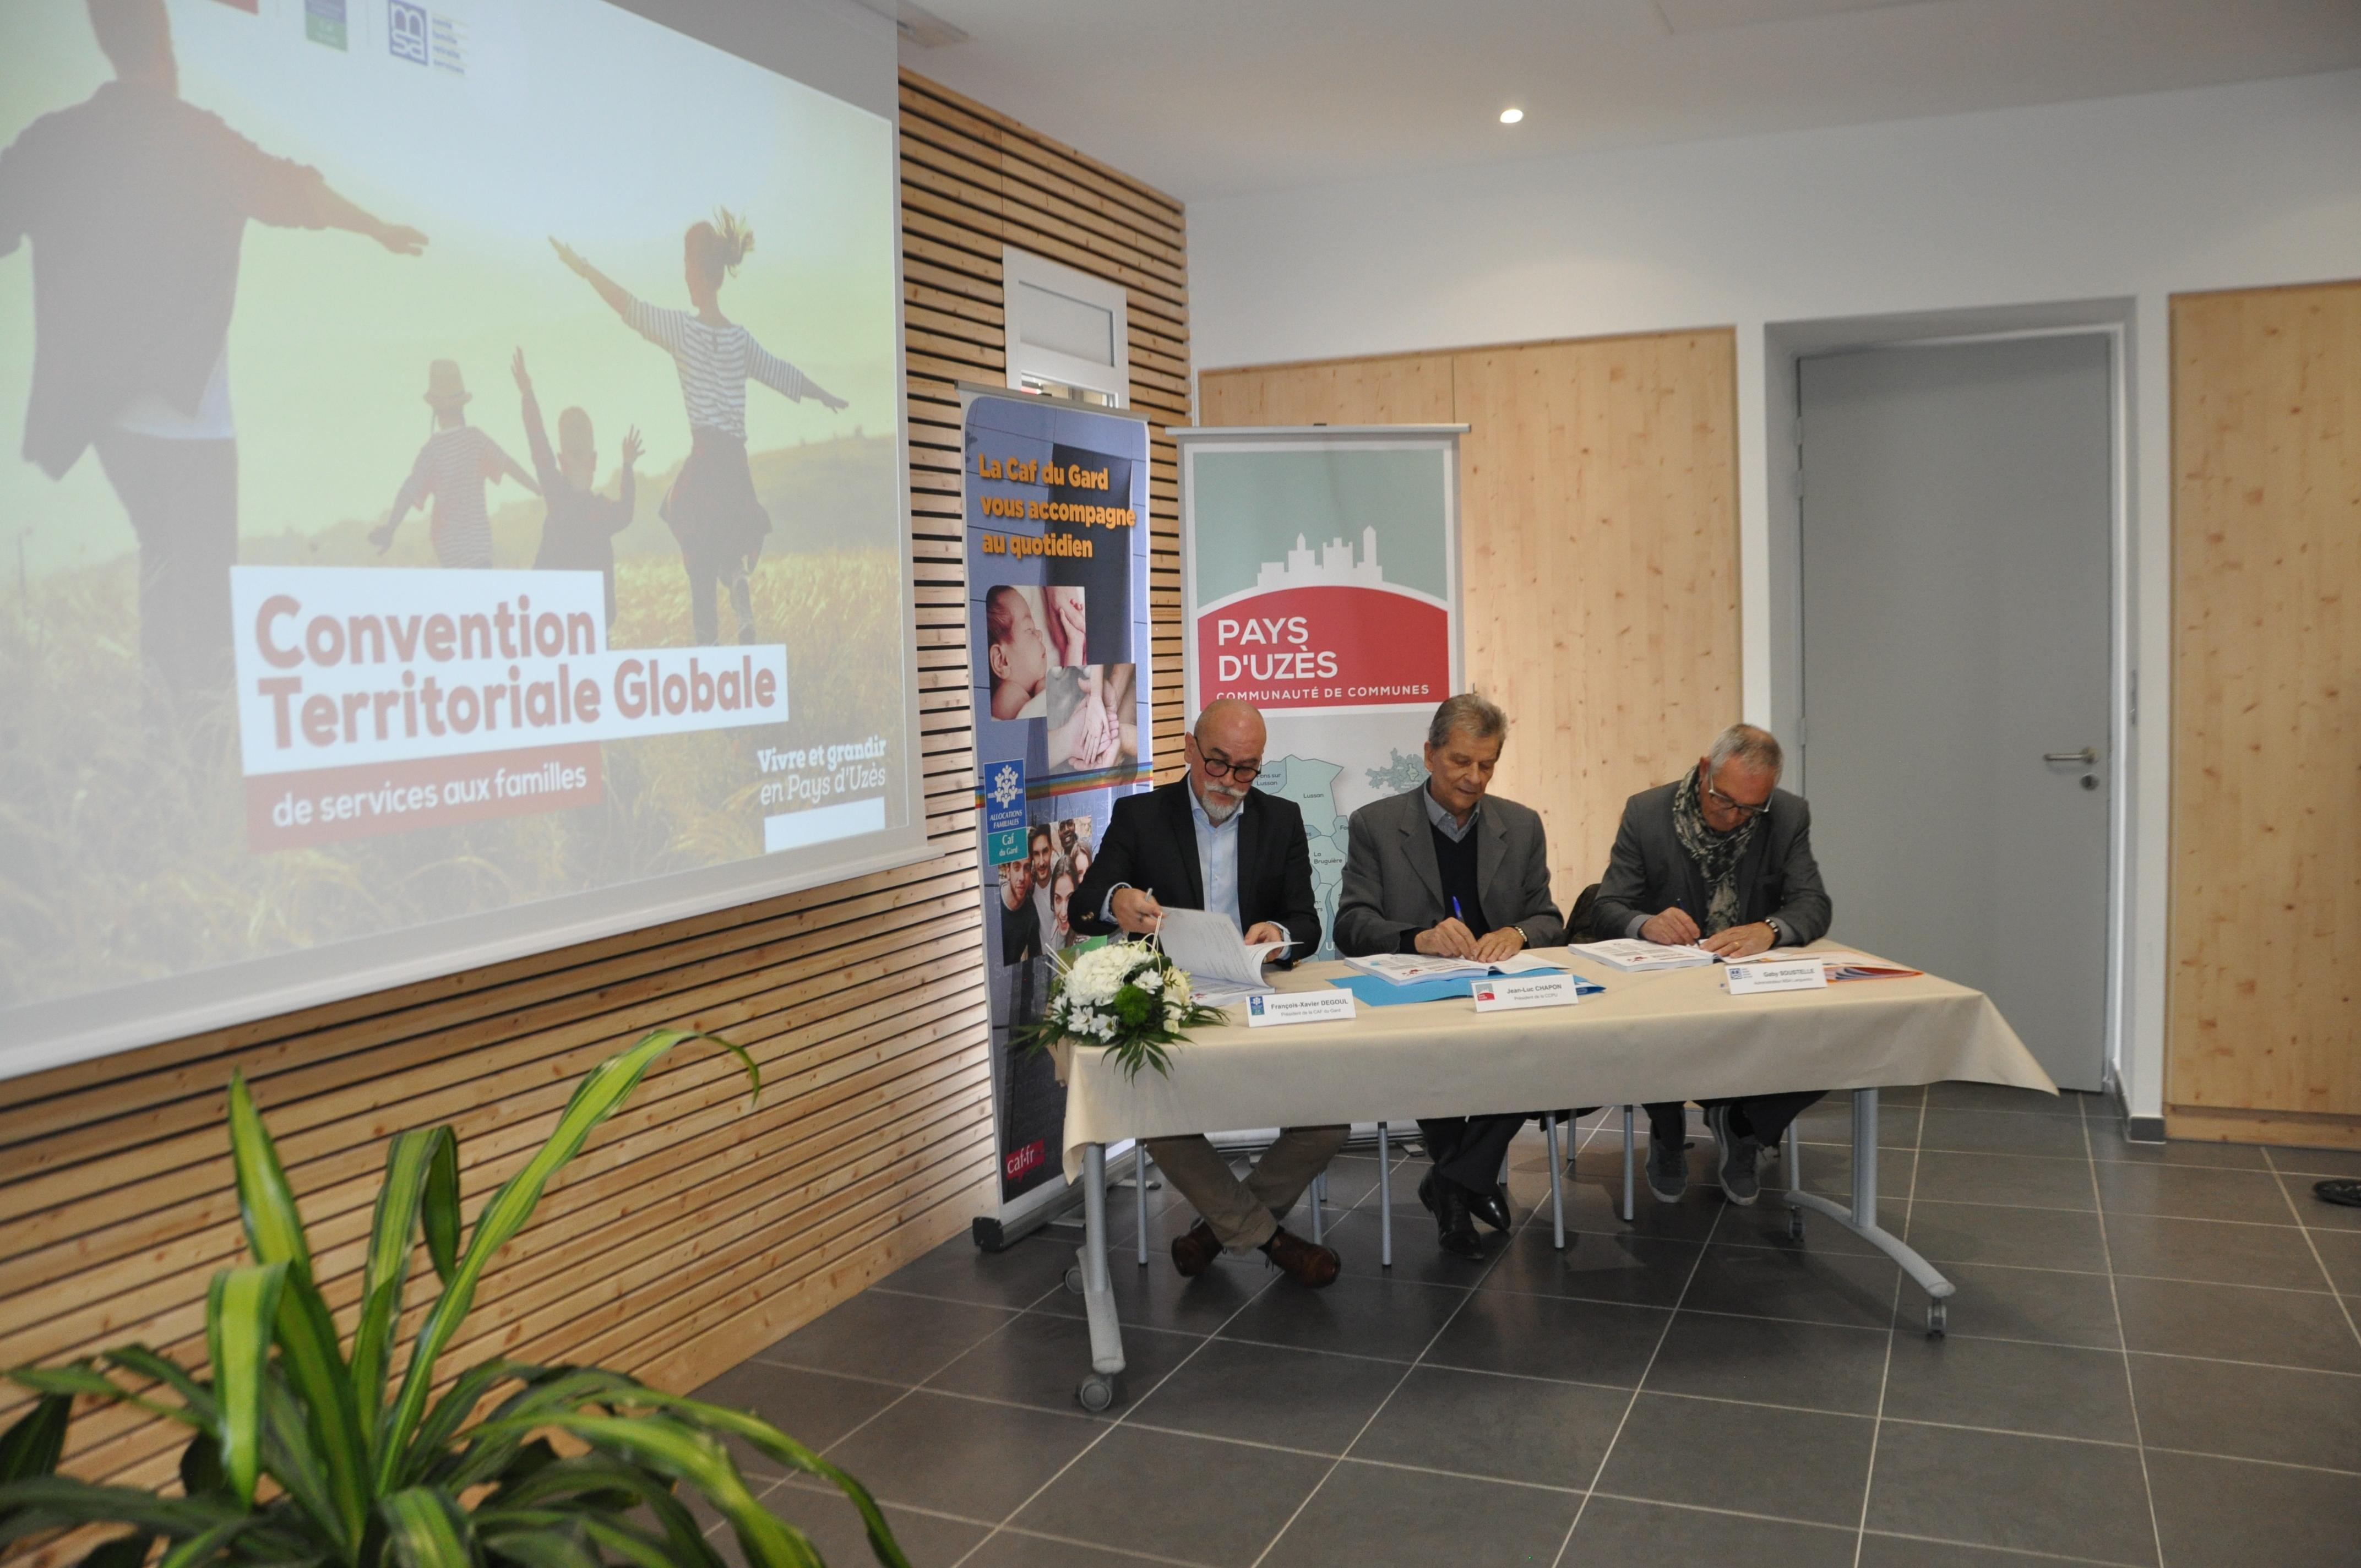 Convention Territoriale Globale de Services aux familles